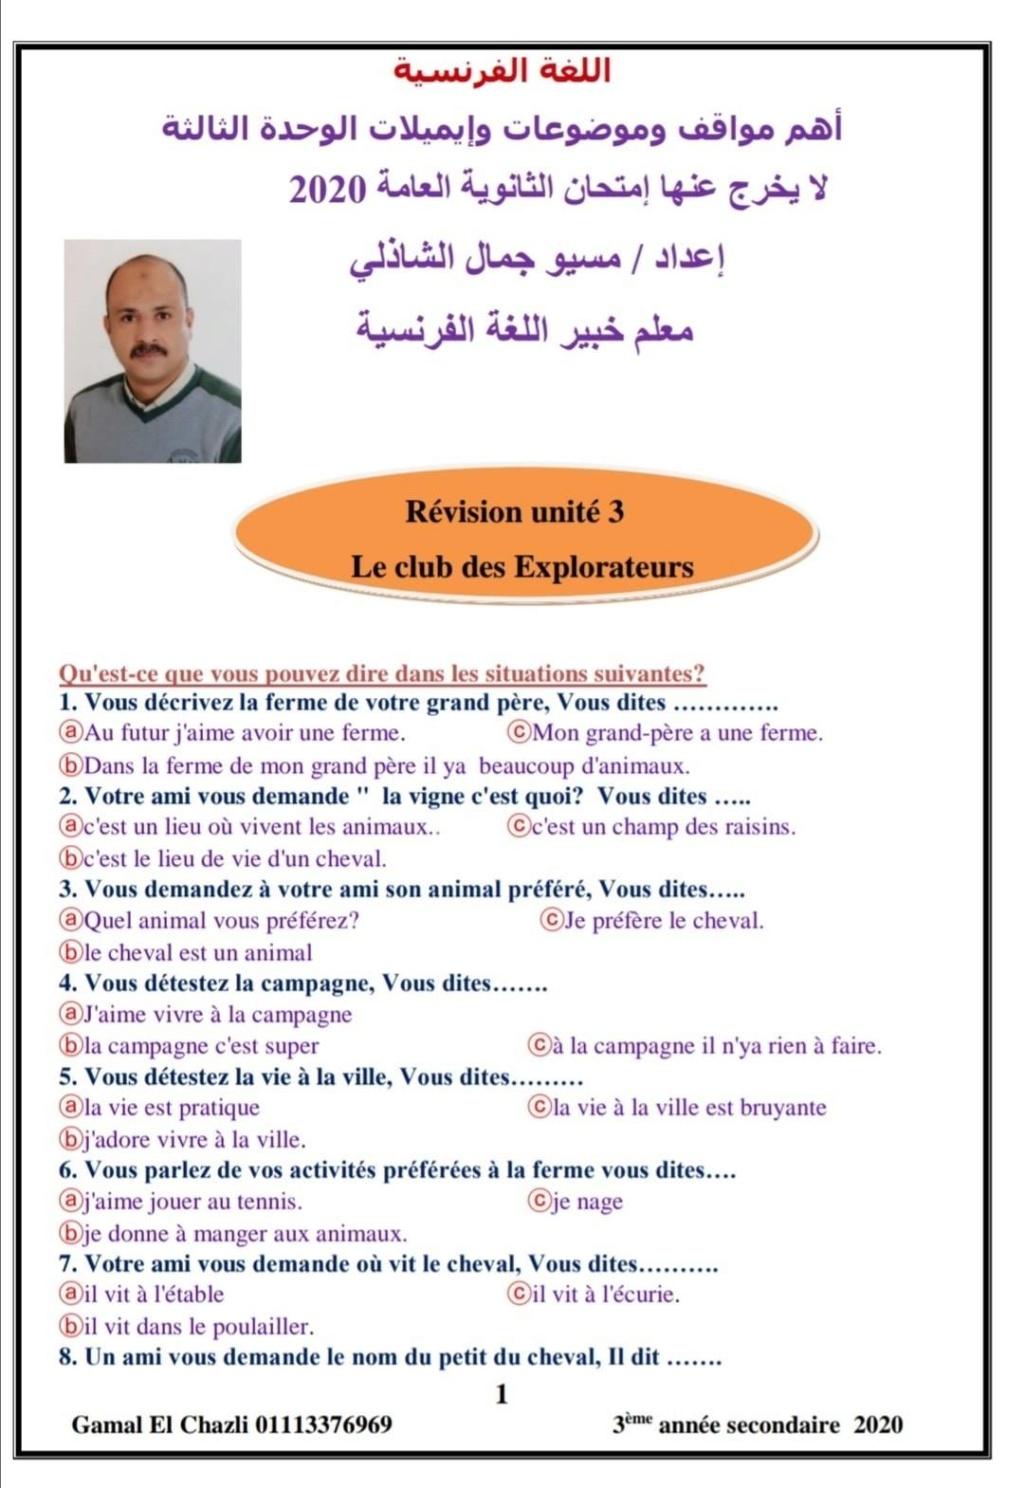 مراجعة اللغة الفرنسية للثانوية العامة مسيو / جمال الشاذلي 107710